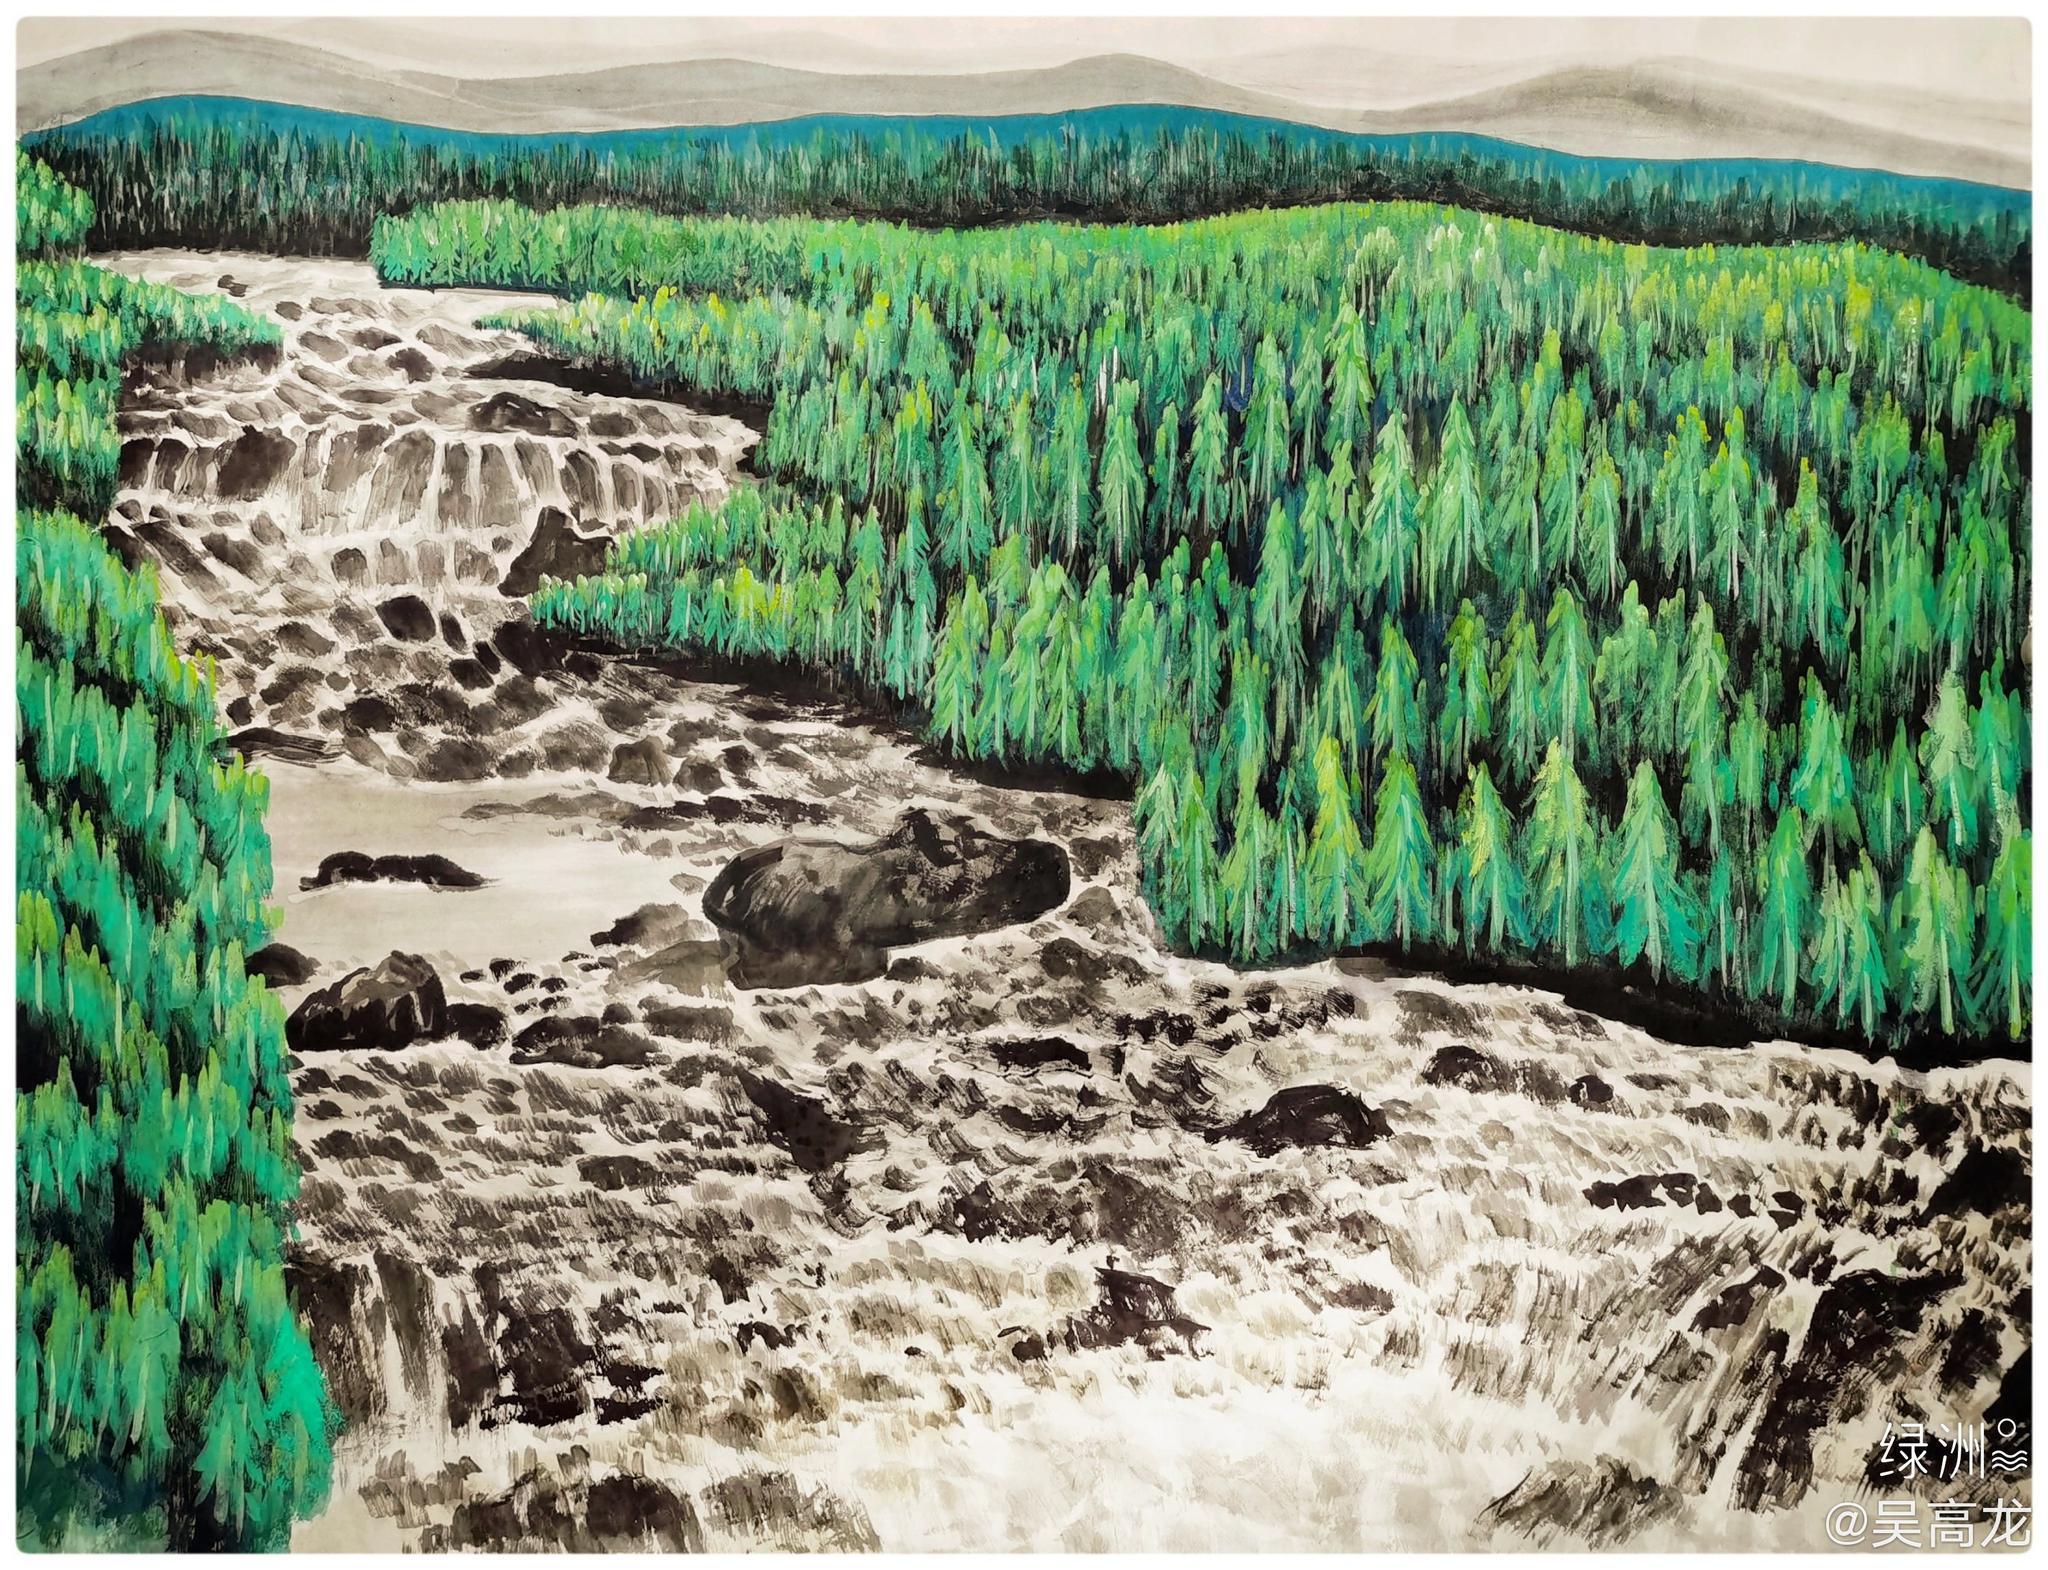 吴高龙画新疆山水风景画 做人像水,做事像山